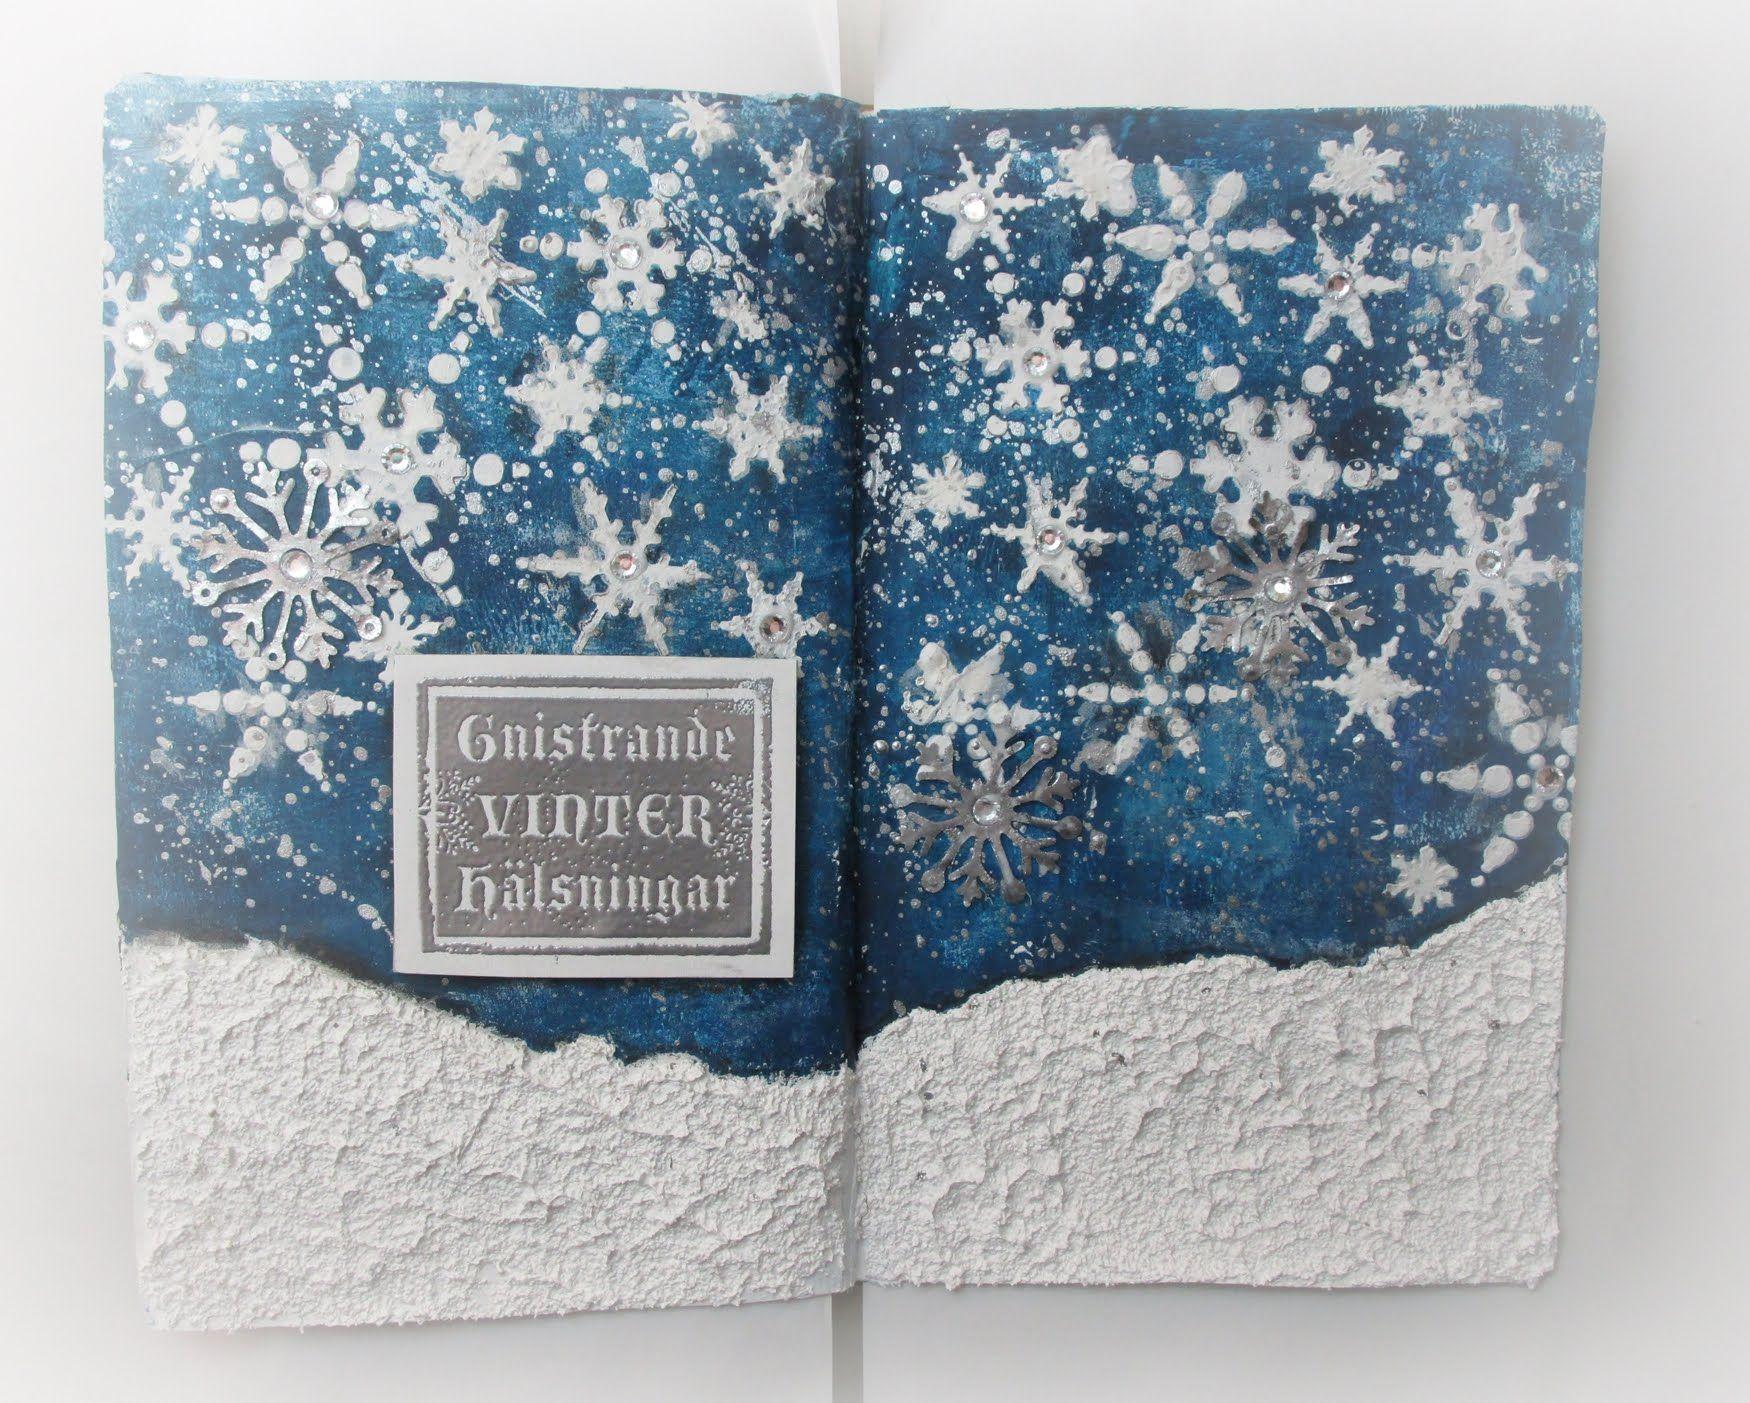 #LoveWinterArt - Gnistrande vinter hälsning / Sparkling Winter Greetings